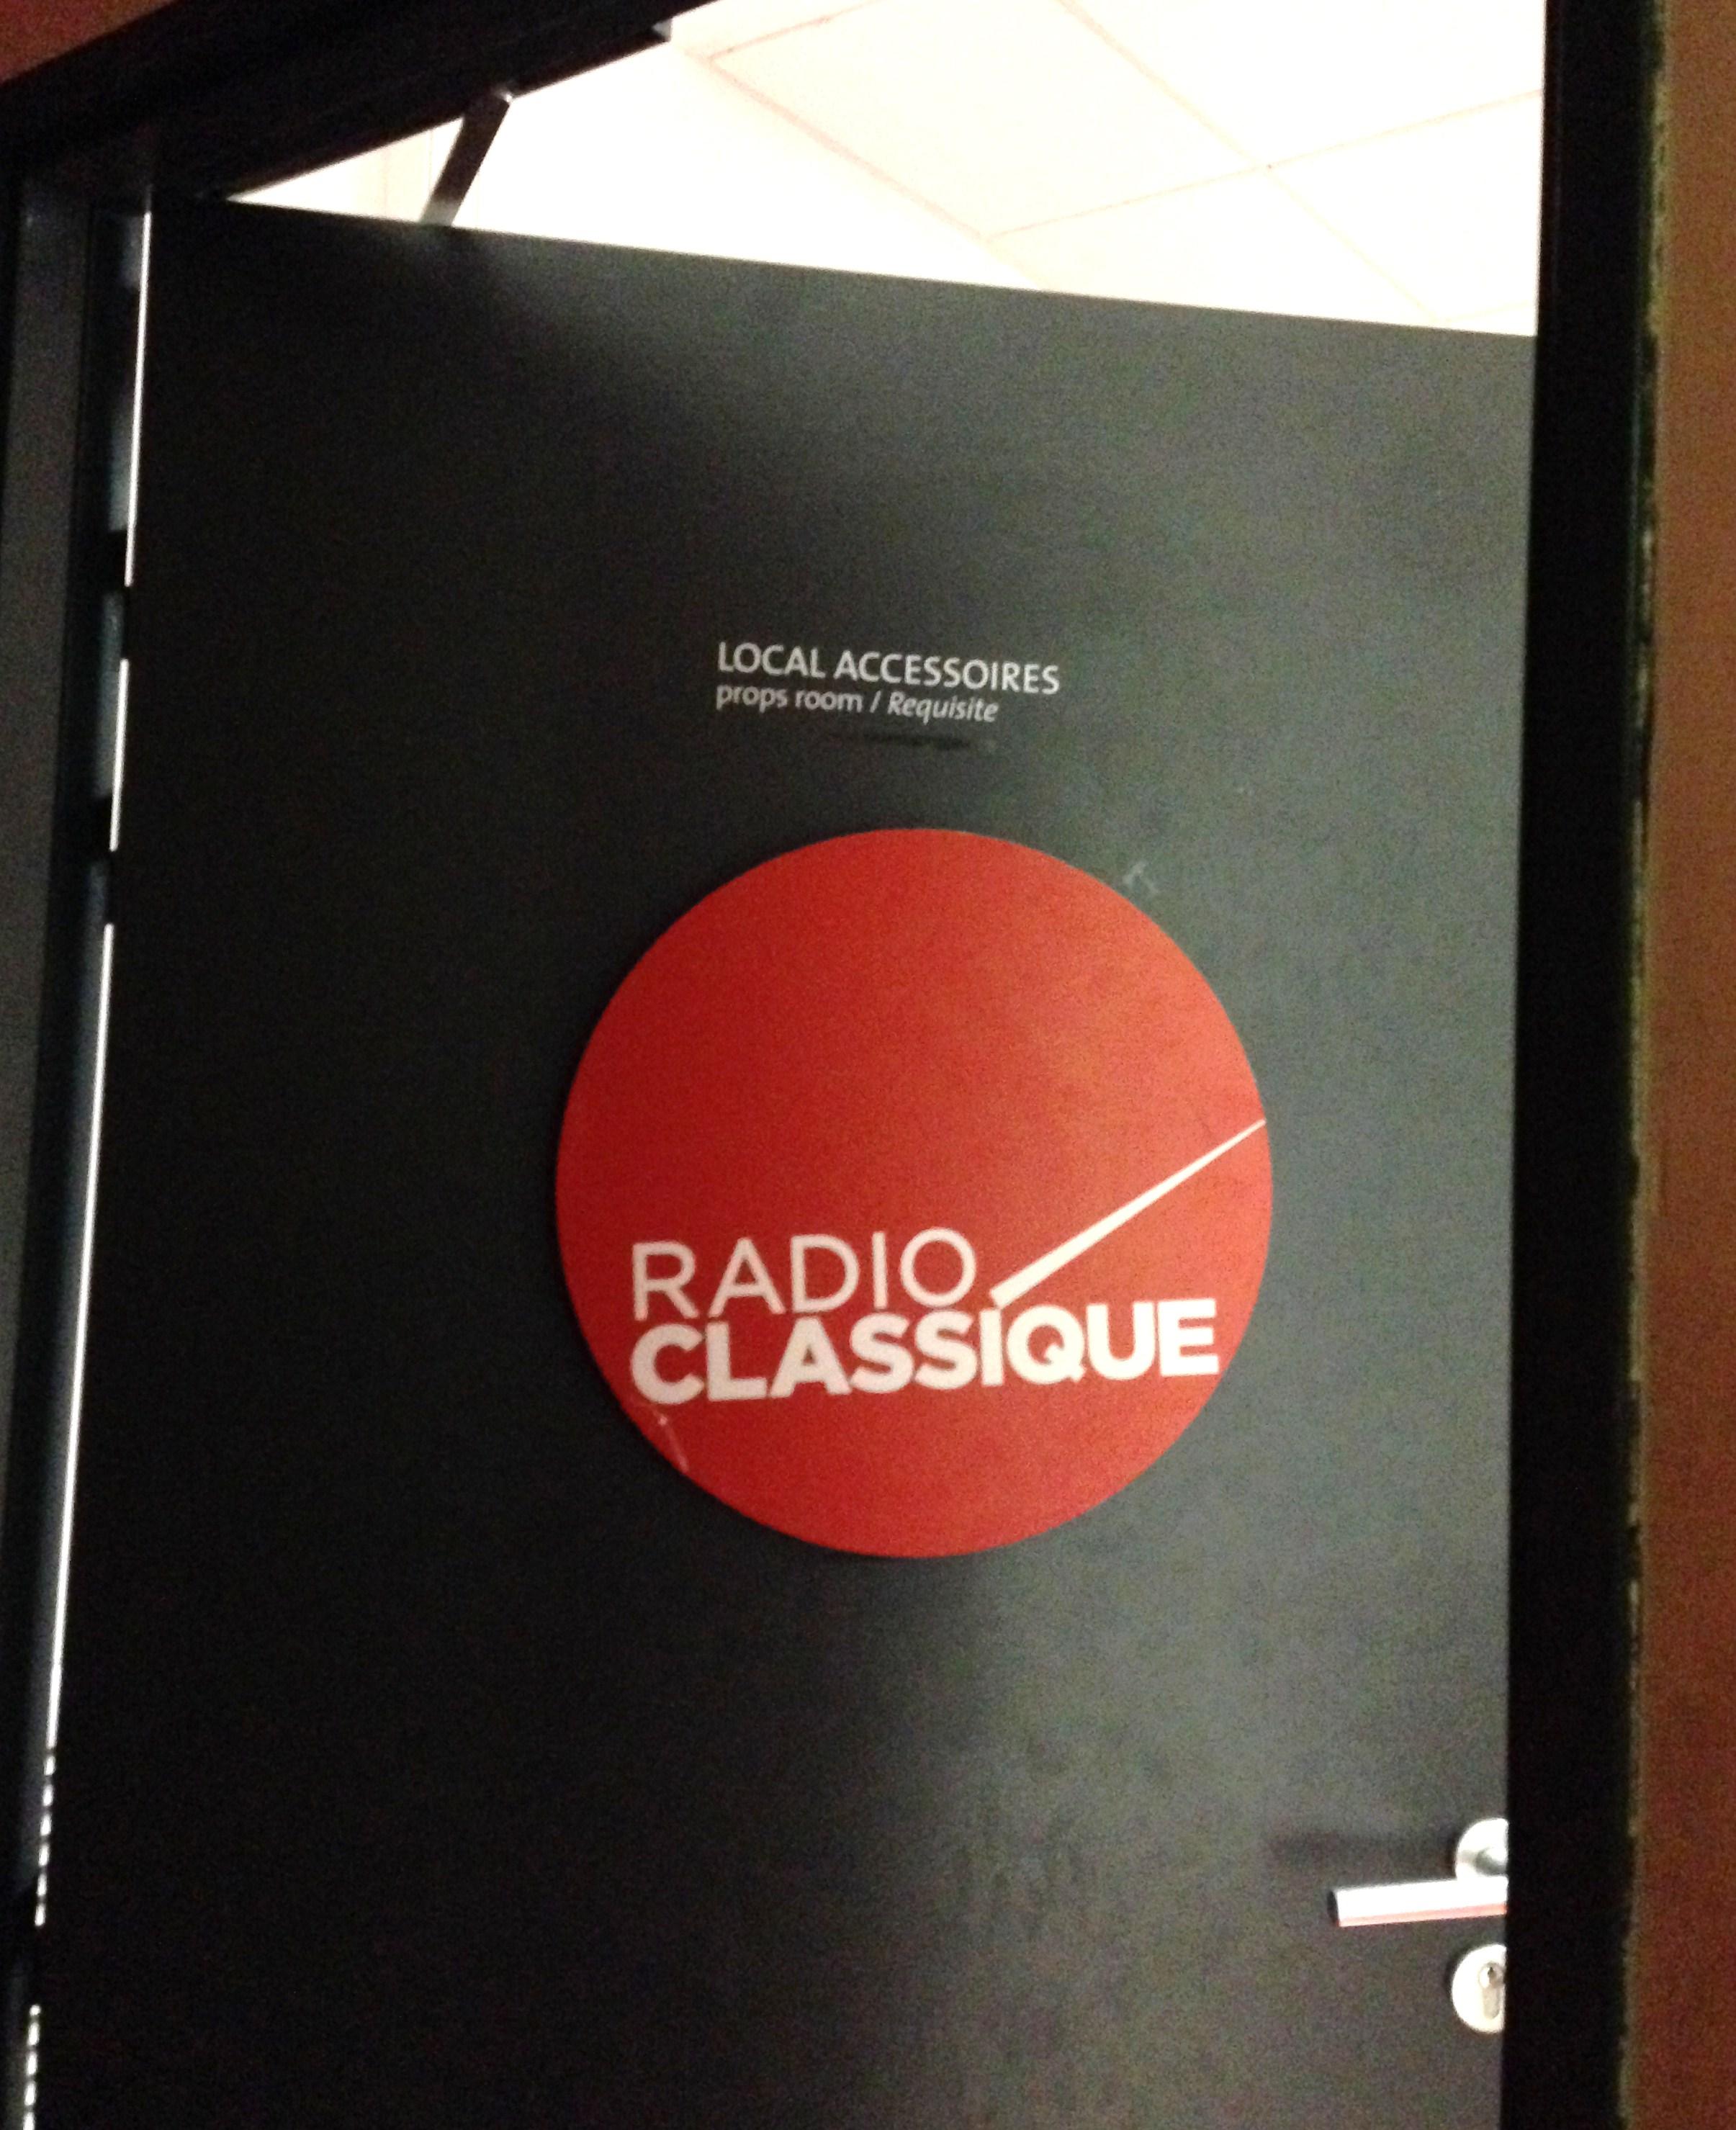 Festival de Pâques d'Aix en Provence - Radio Classique